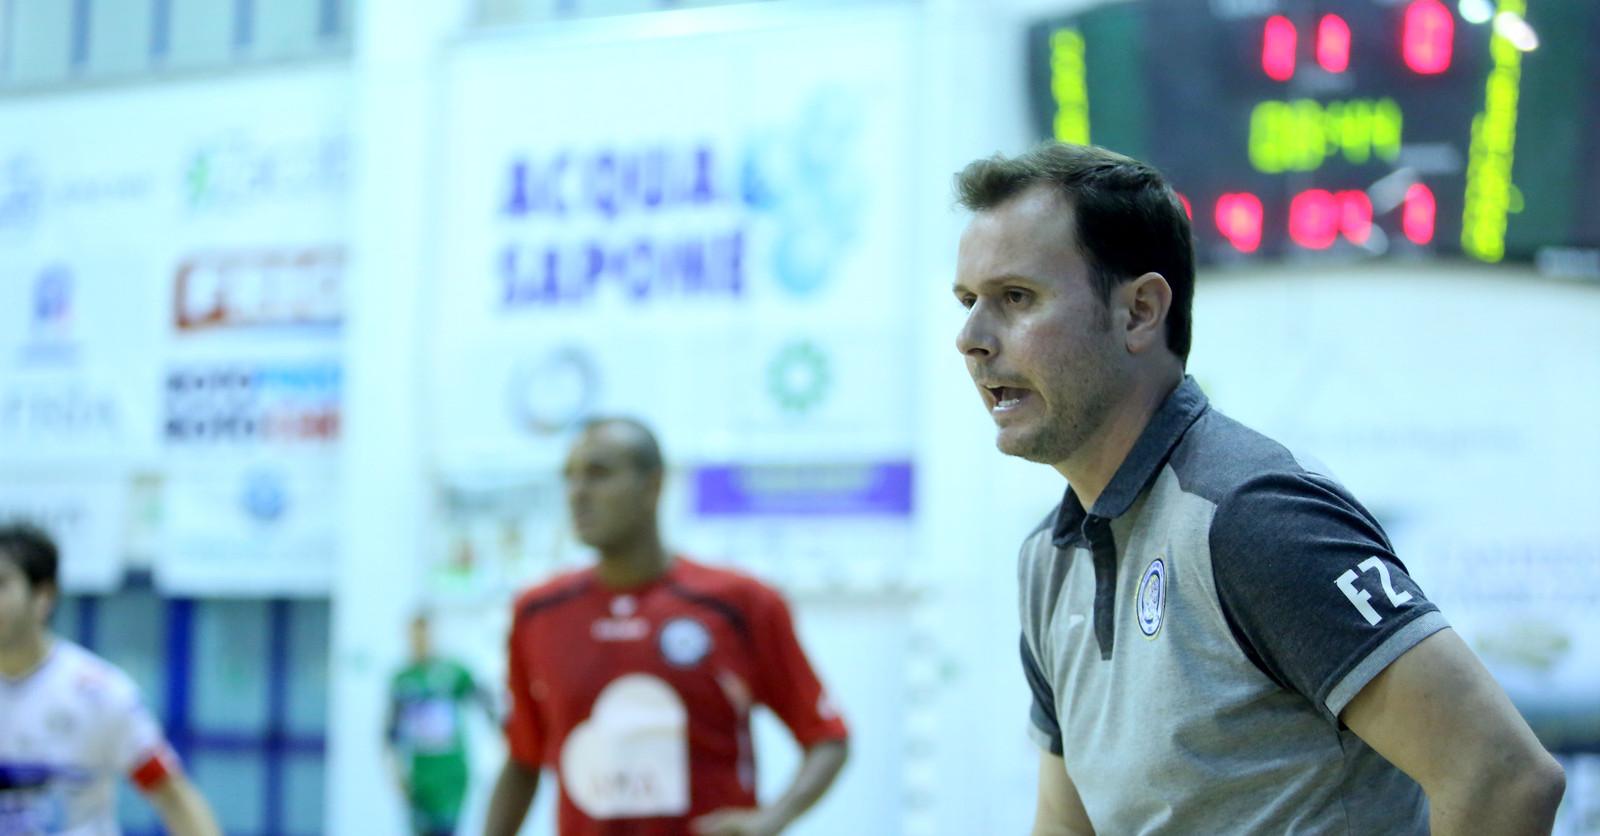 fuentes-allenatore-calcio-a-5-dellacquaesapone